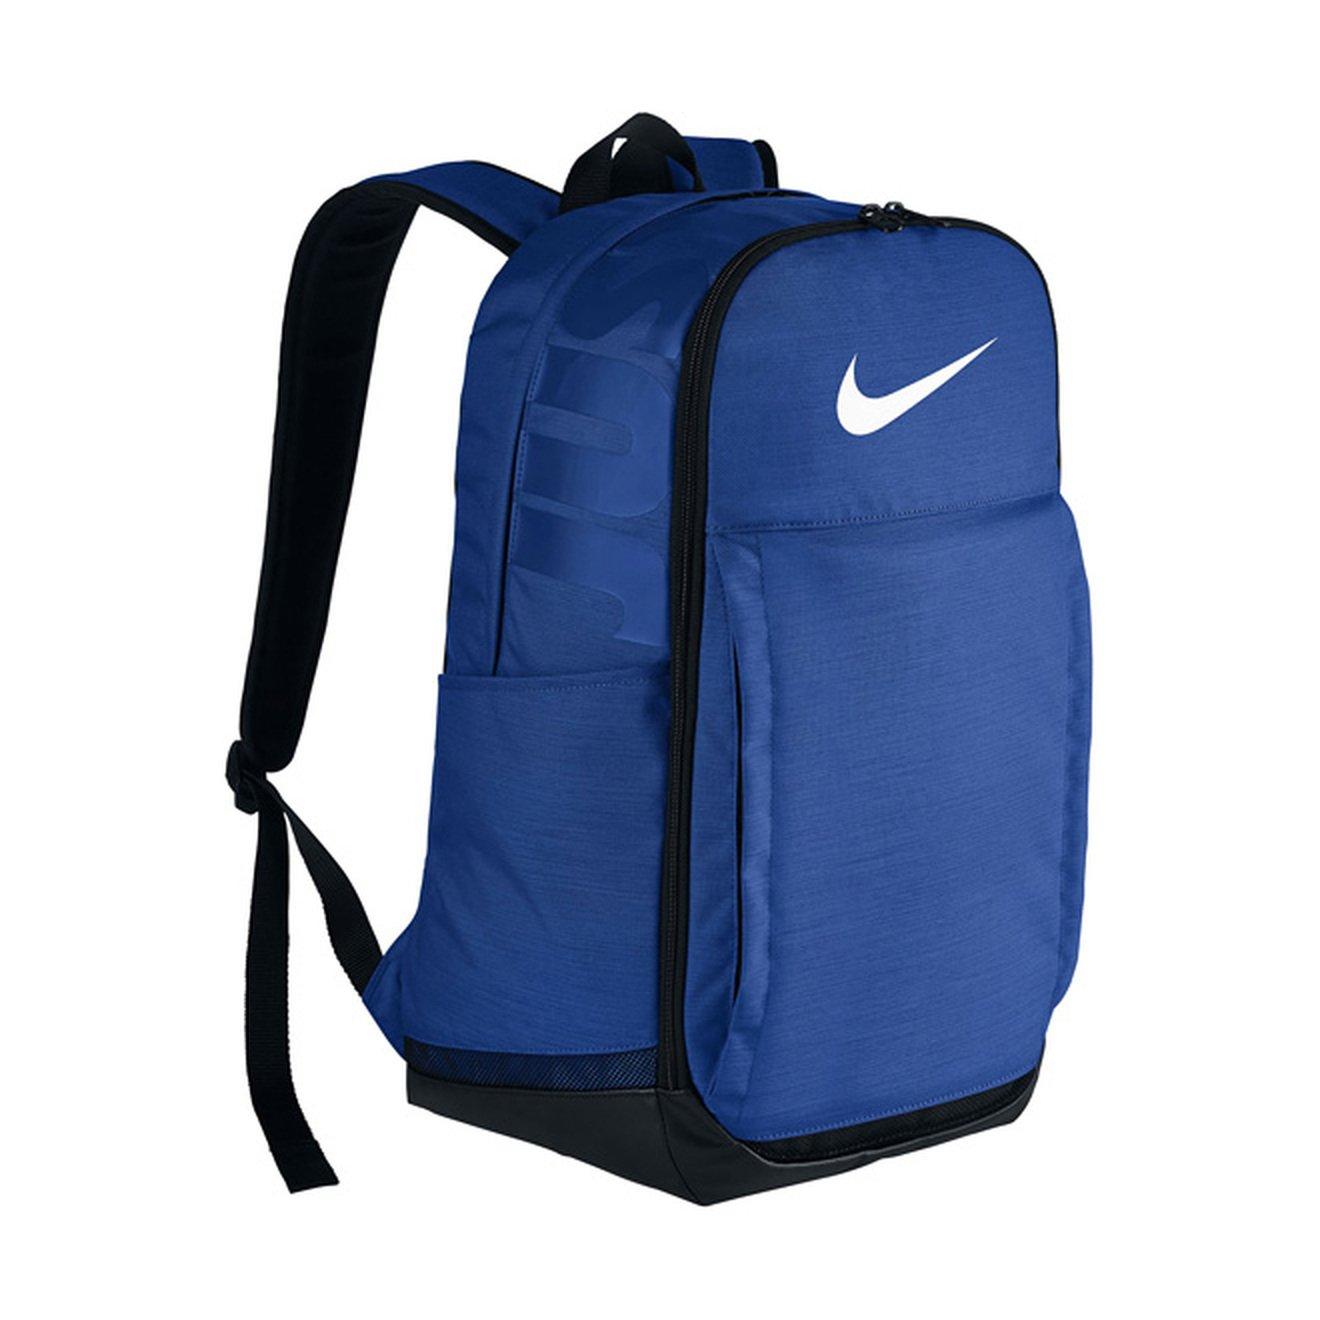 a6f668ec28c NIKE Brasilia Extra Large Training Backpack high-quality ...